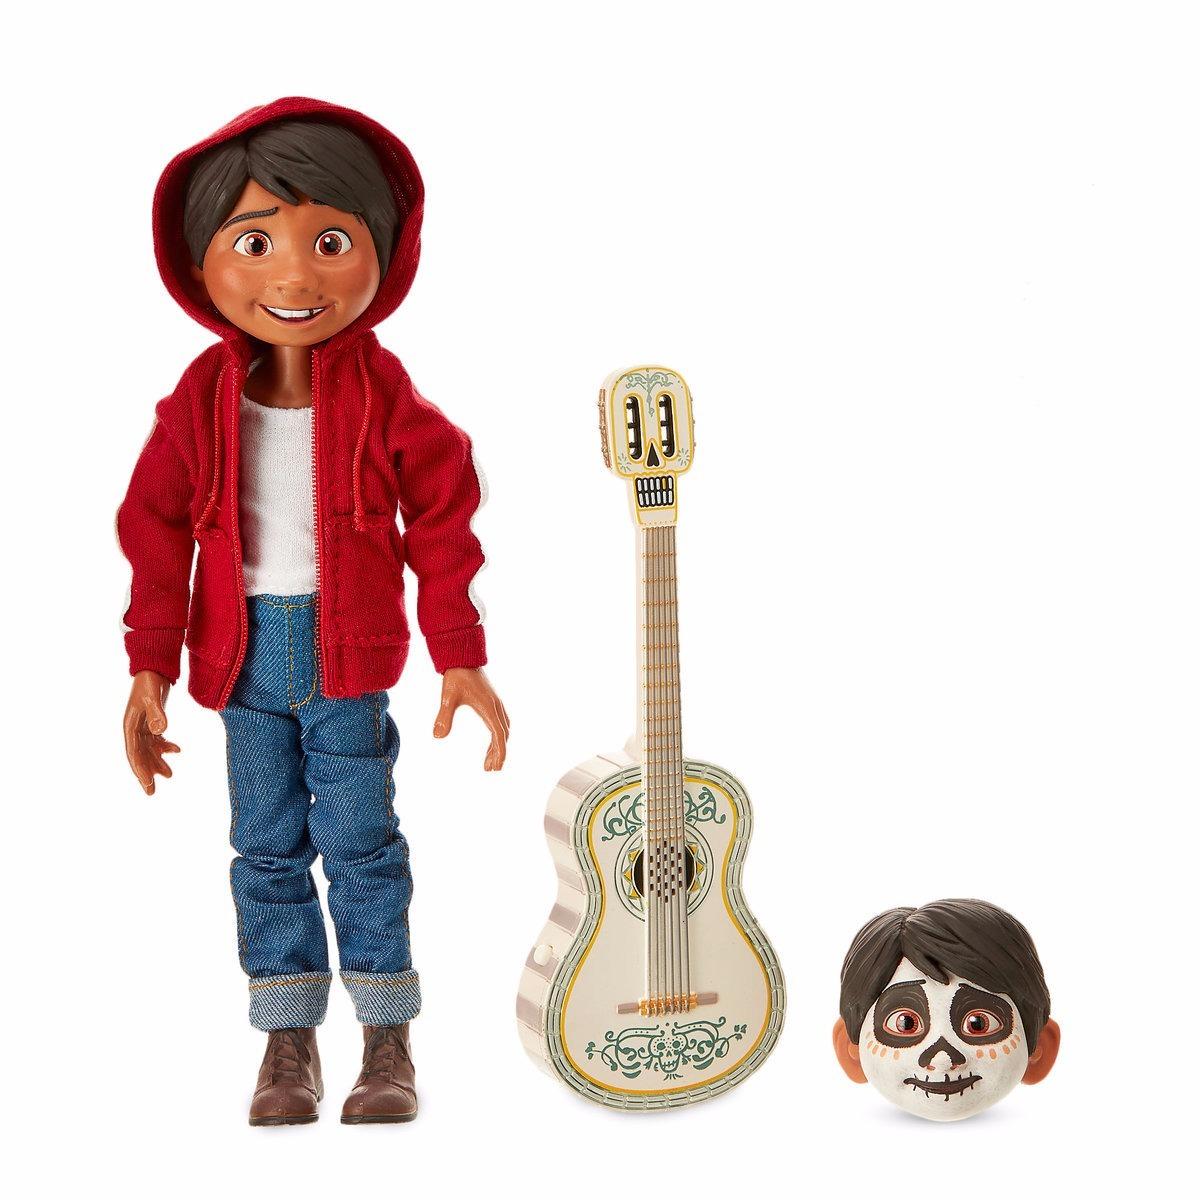 Disney Pixar Coco Figura Miguel Canta 20cm Disney